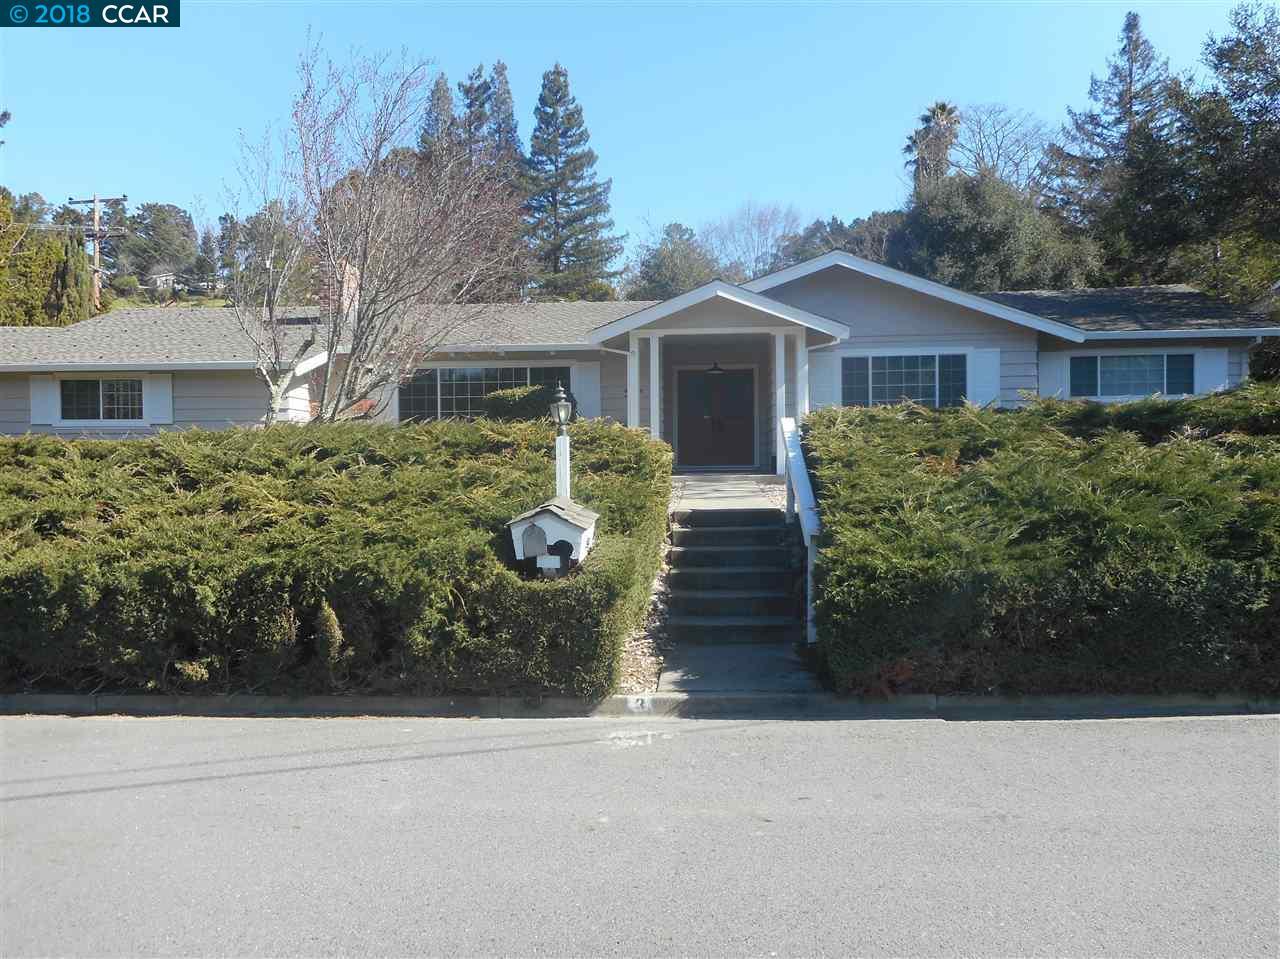 واحد منزل الأسرة للـ Rent في 3 Chelton Court 3 Chelton Court Orinda, California 94563 United States